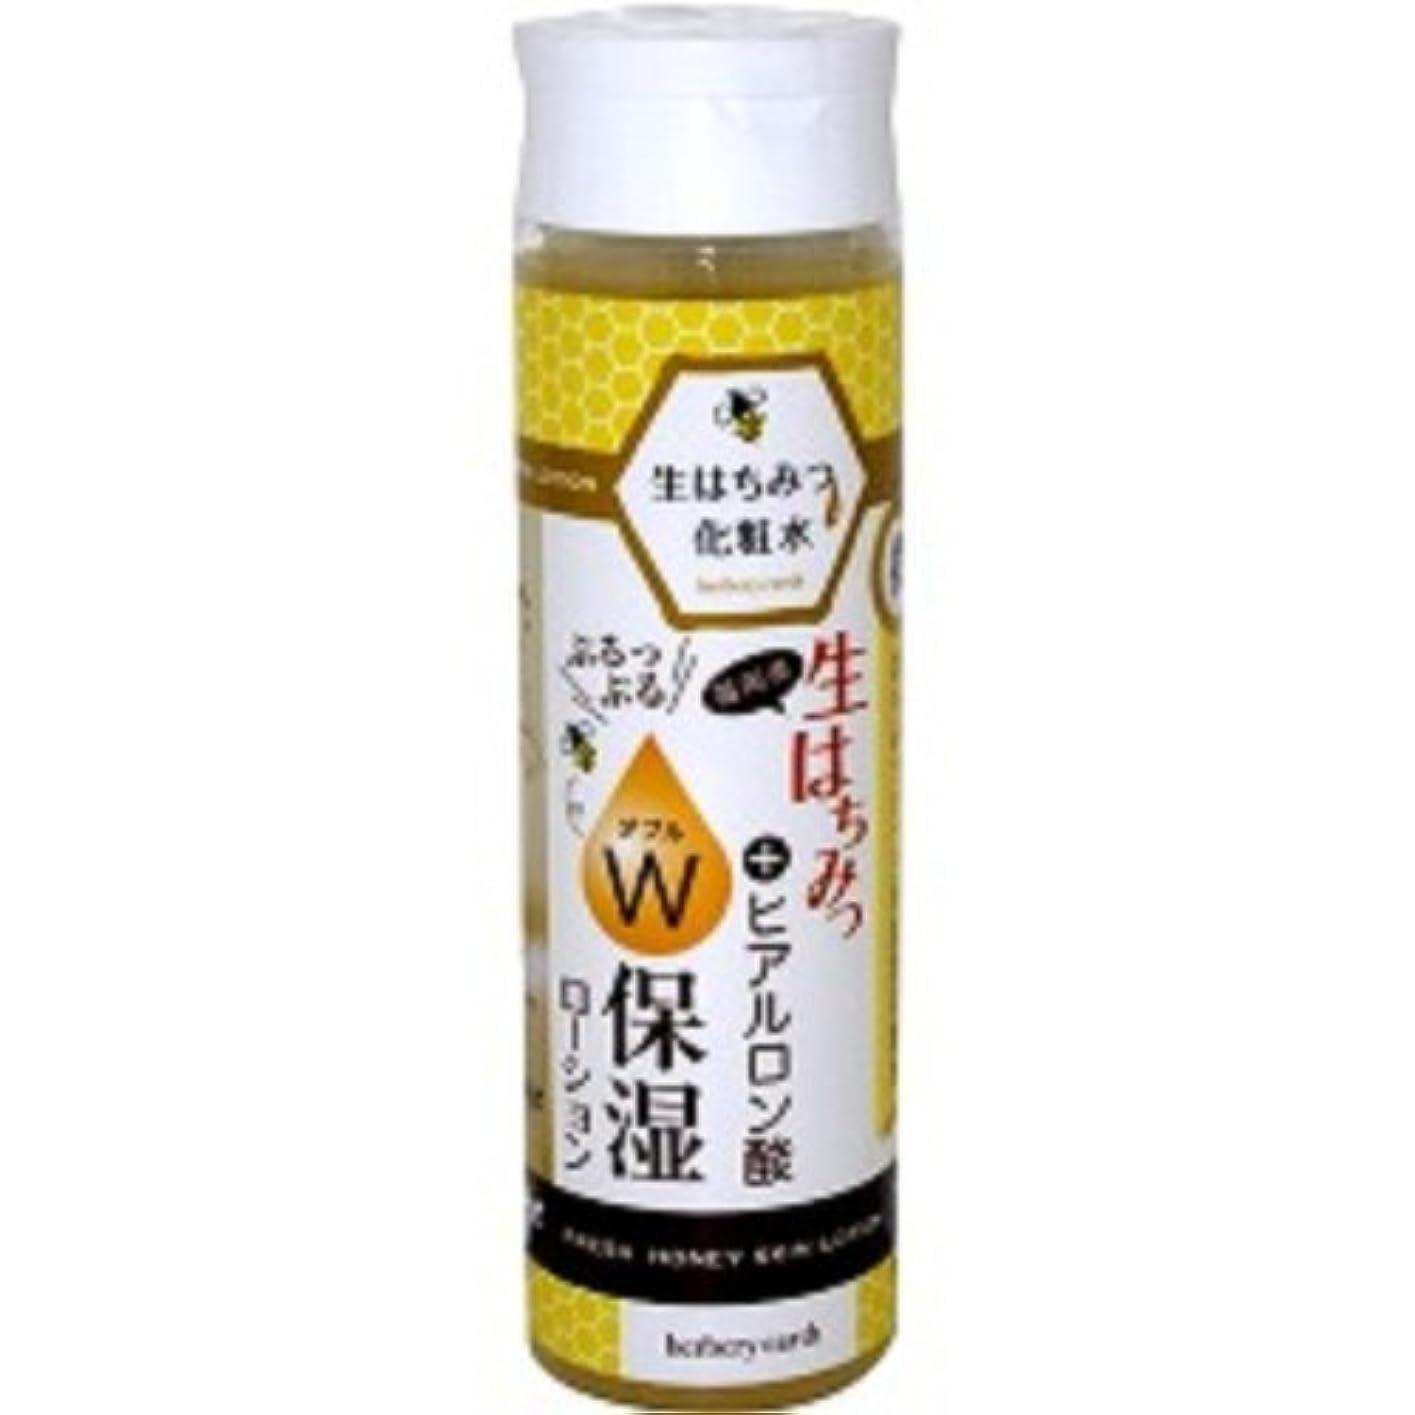 機関掃く後世生はちみつ化粧水 W保湿スキンローション